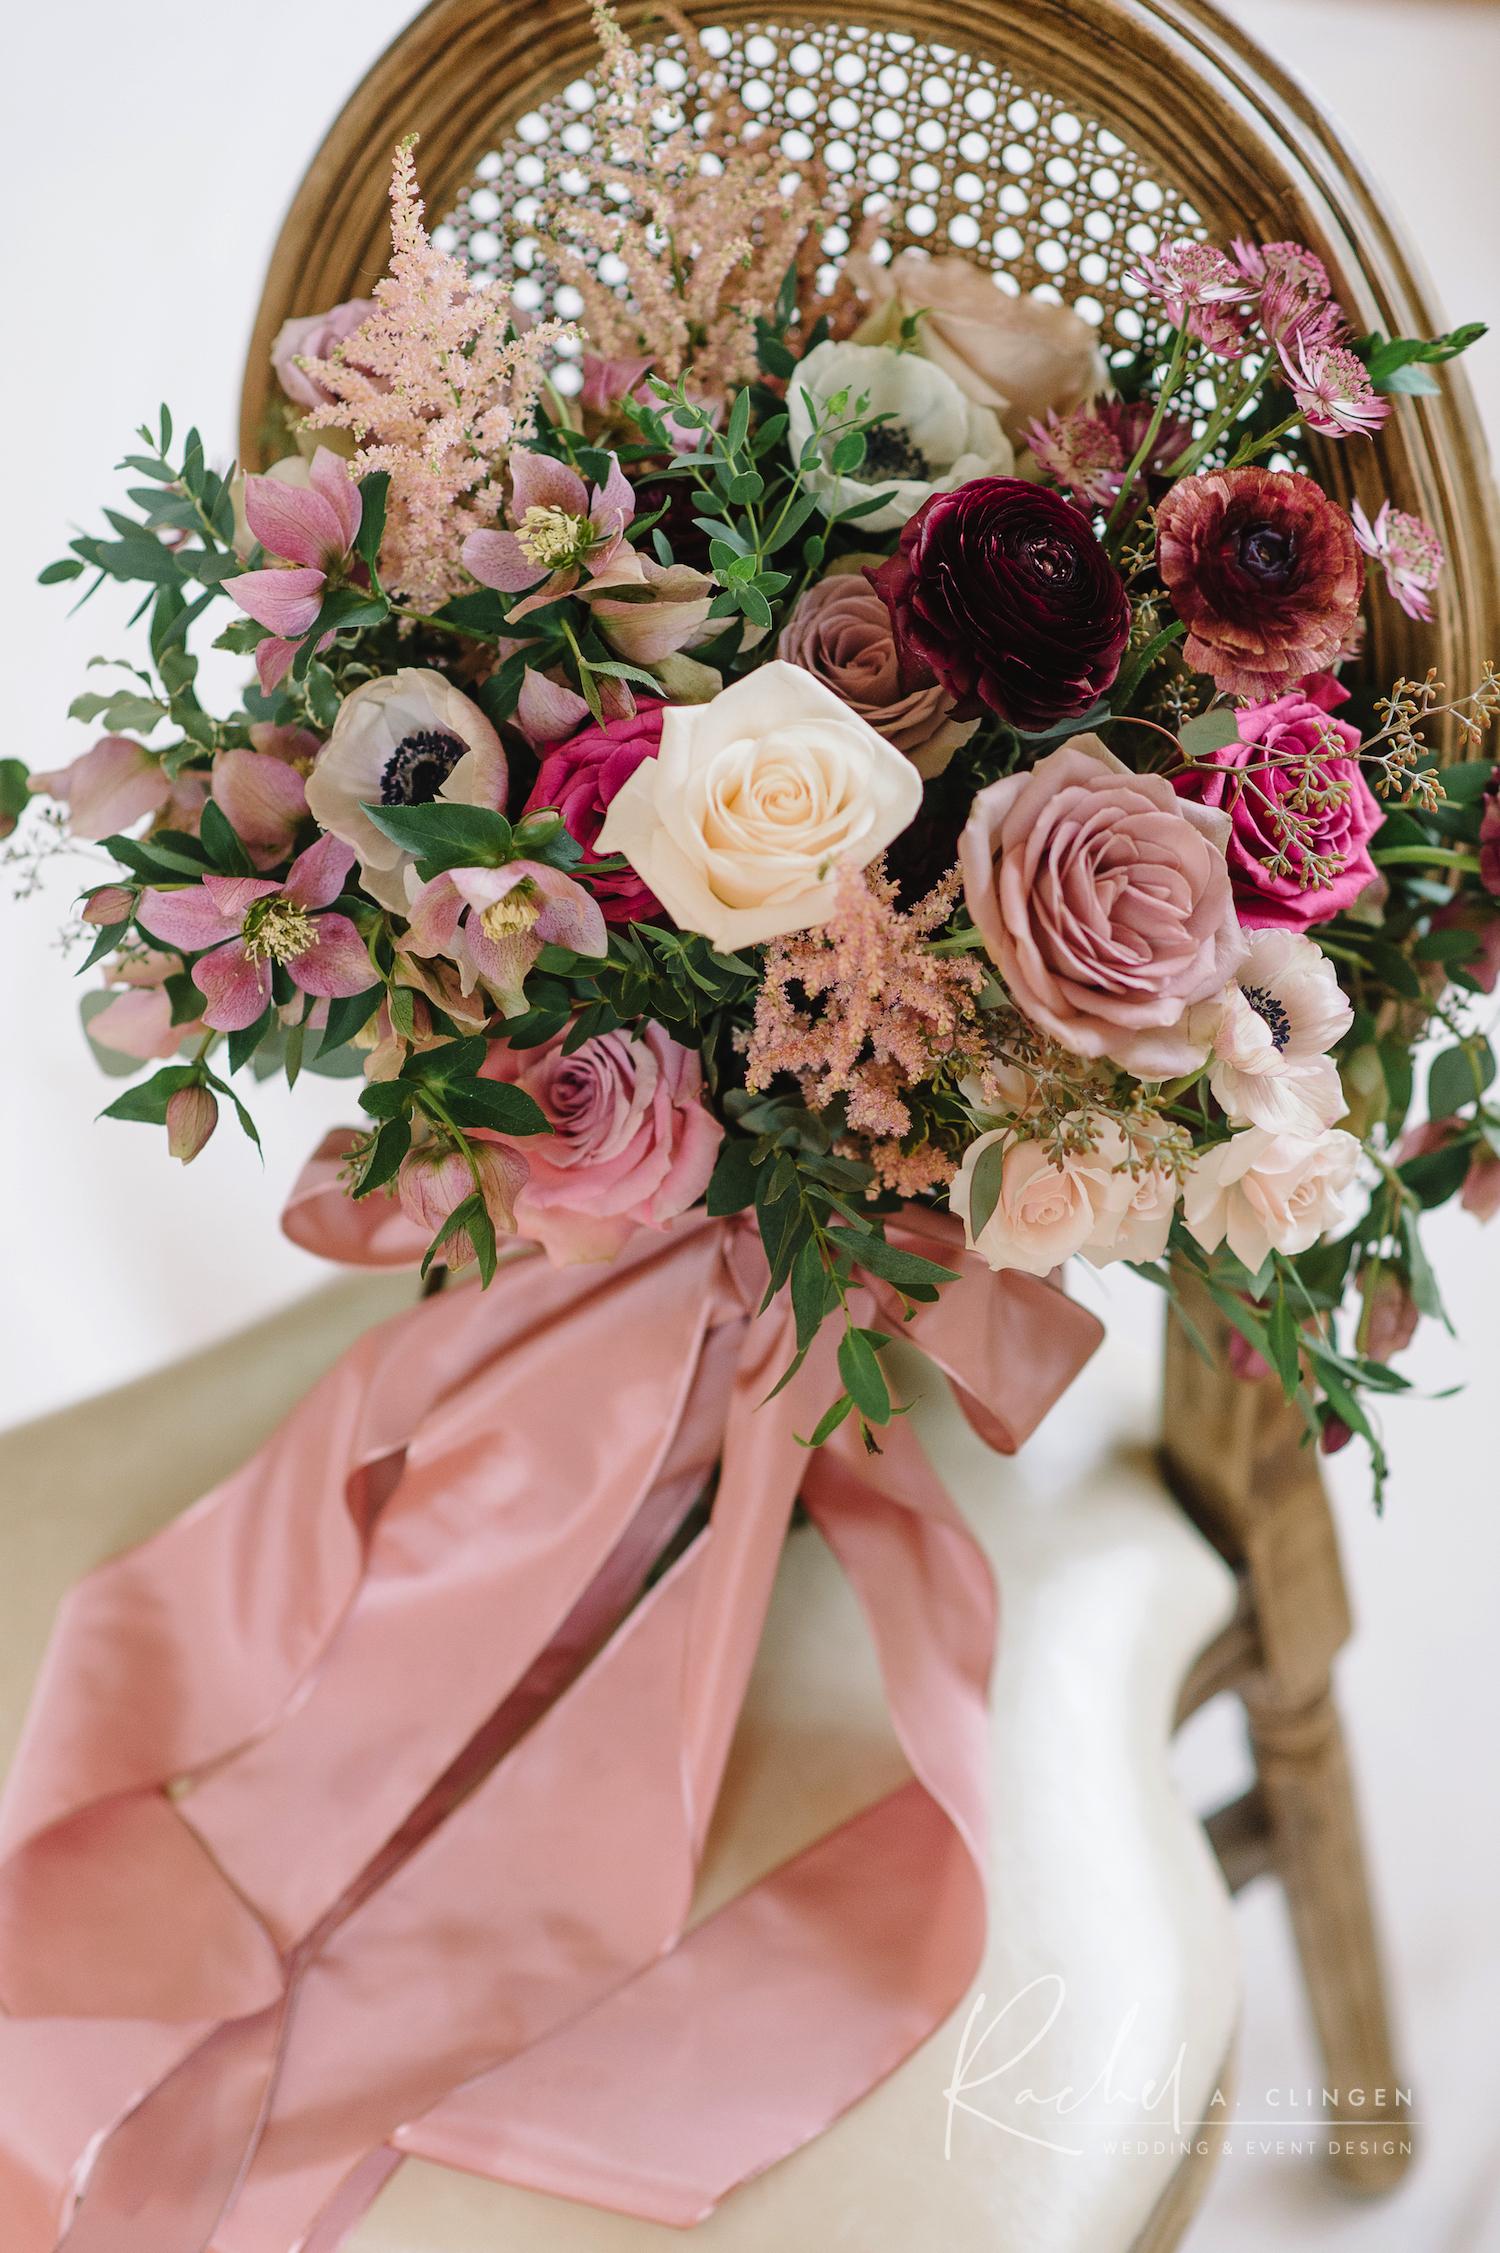 rachel a clingen wedding florist